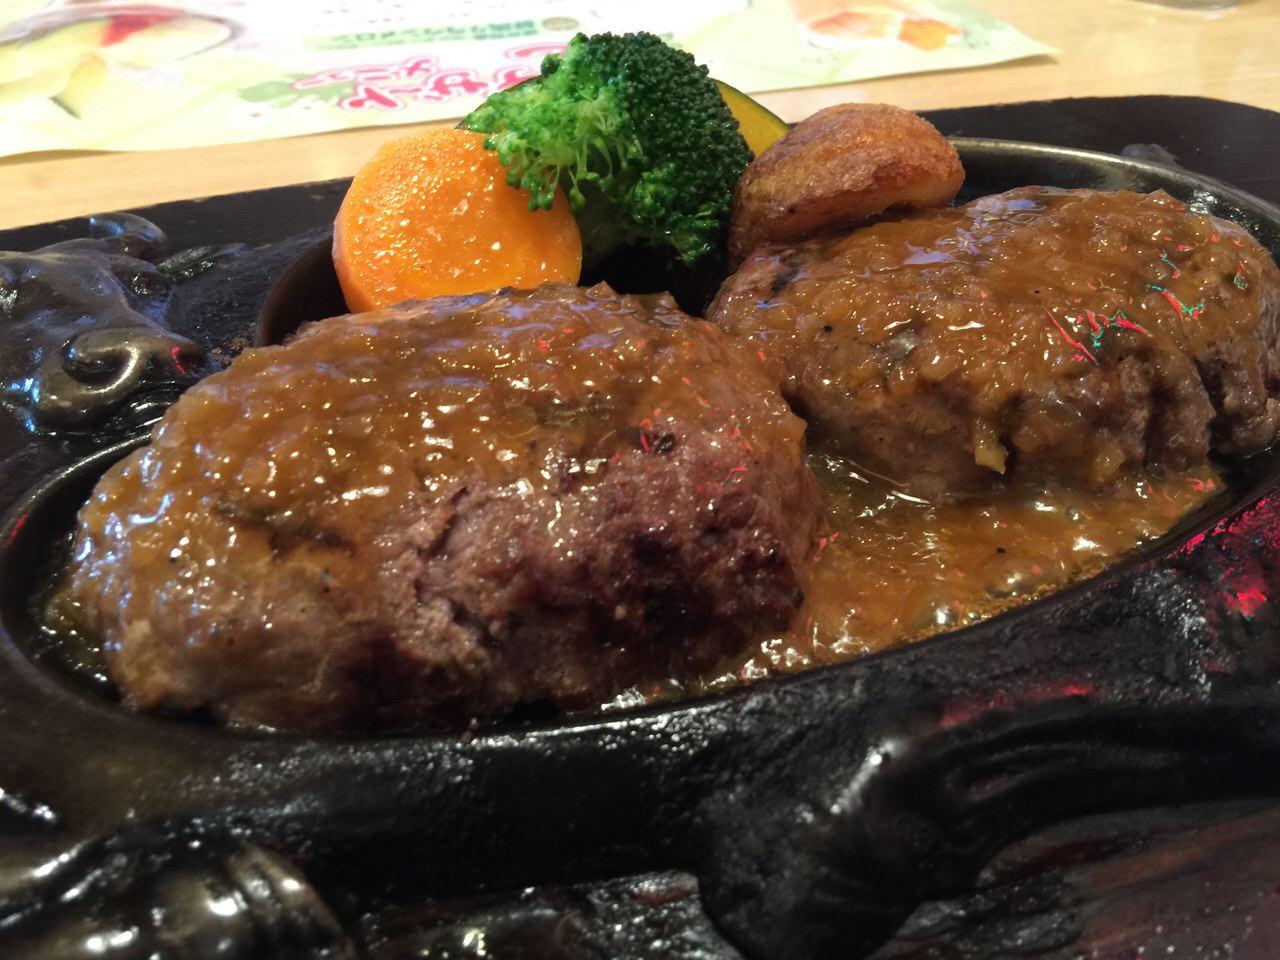 静岡を訪れたら「さわやか」だ!レアレアの赤い炭焼きハンバーグは食べないと語れない → これまで行ってなかったことを後悔するレベルで美味い